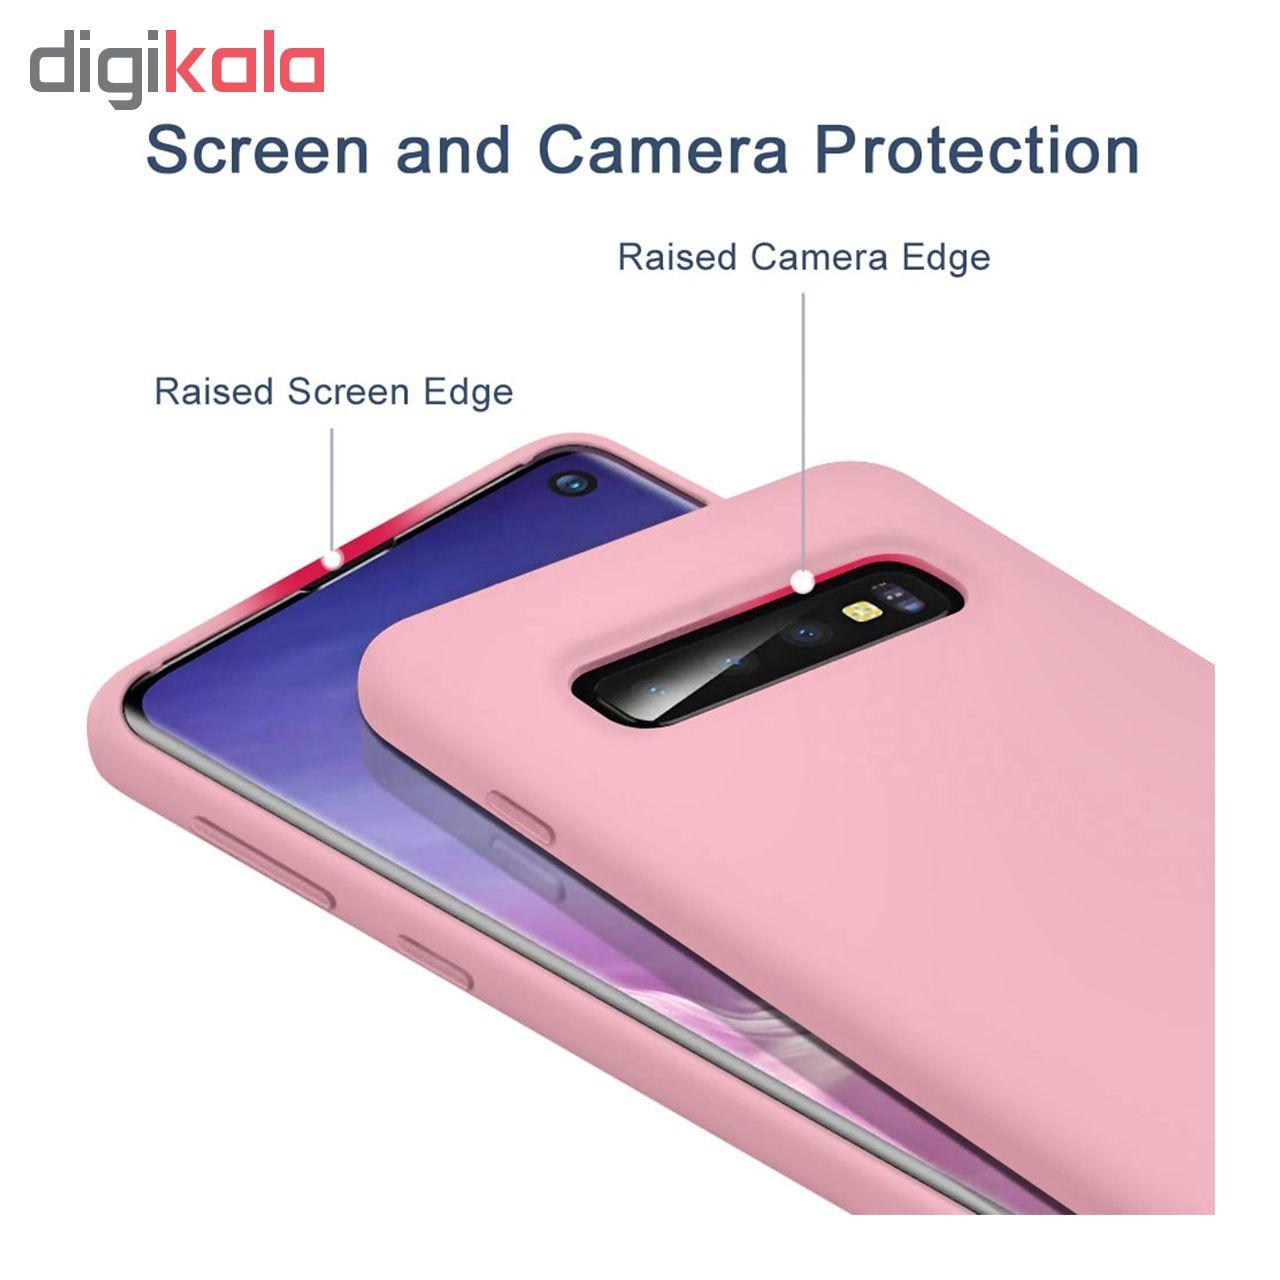 کاور سامسونگ مدل Slc مناسب برای گوشی موبایل سامسونگ Galaxy A70 main 1 7